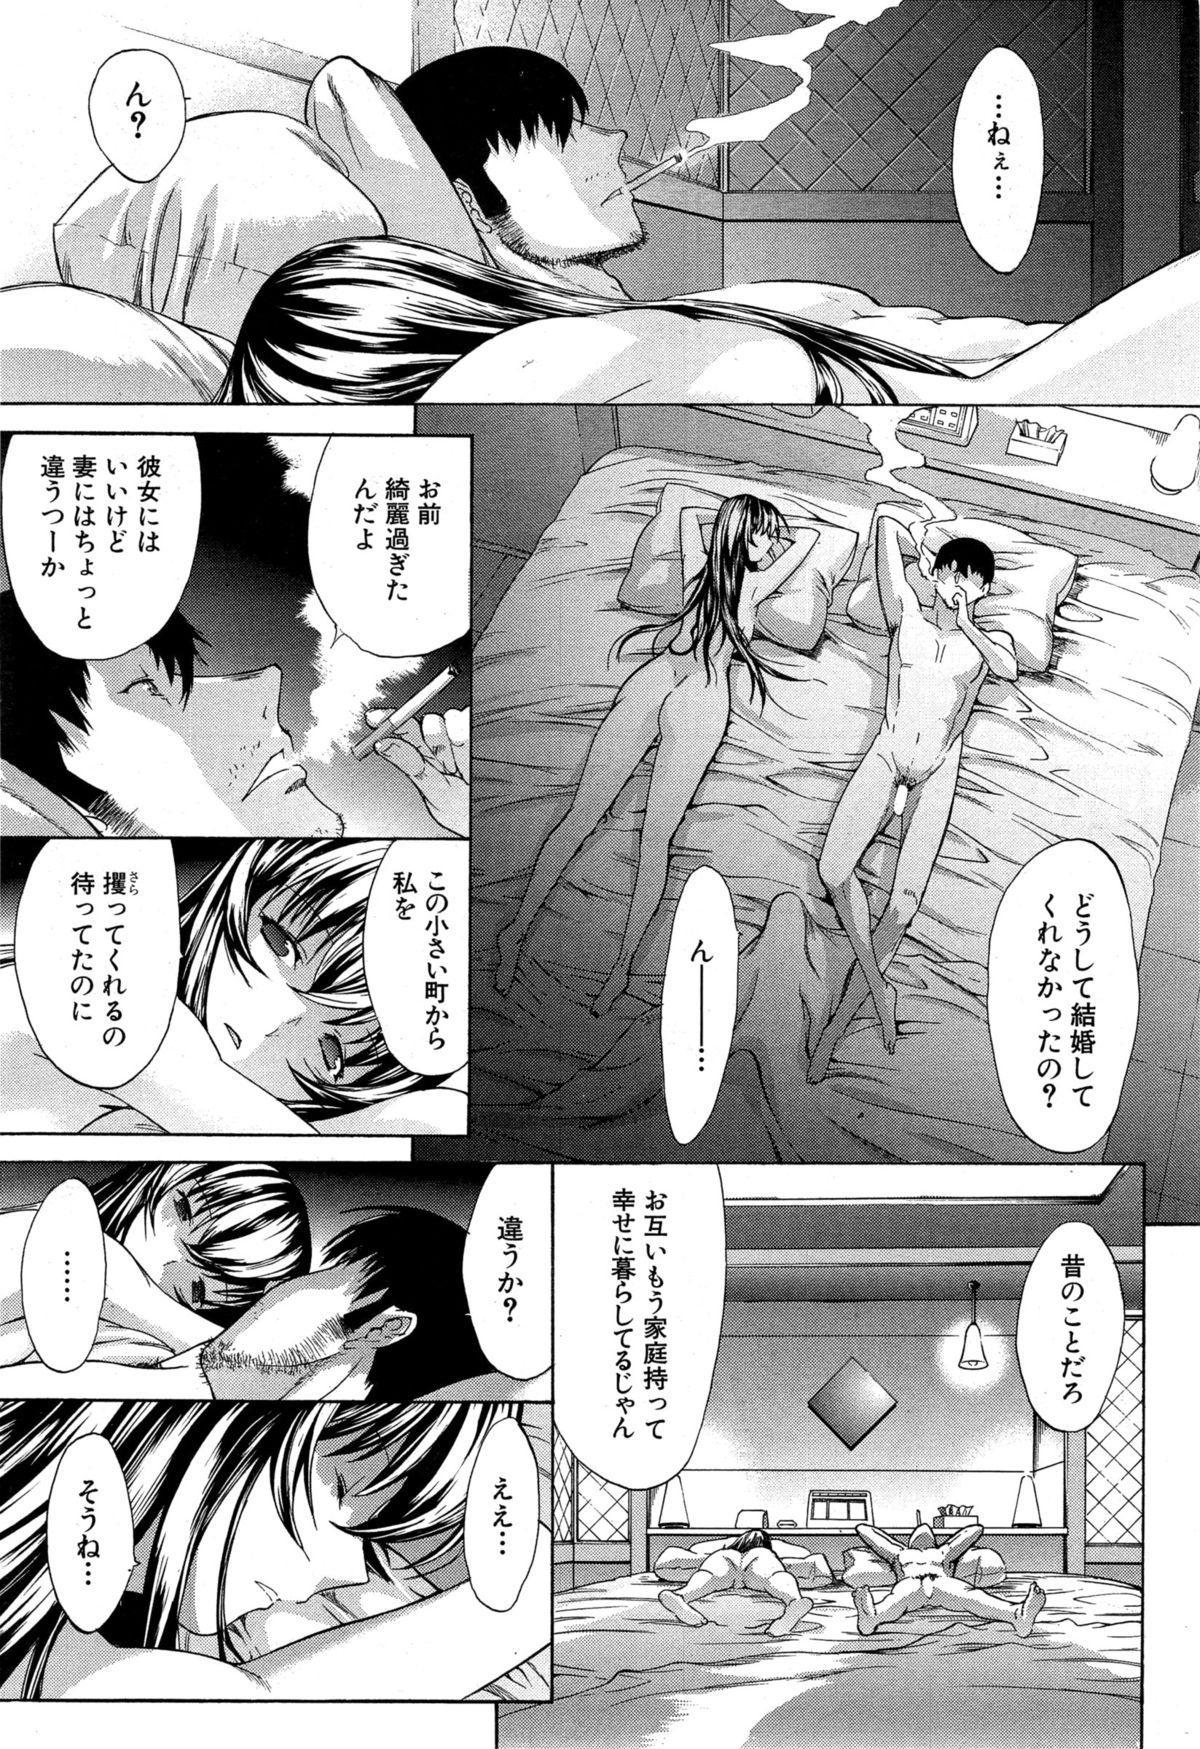 [Kino Hitoshi] Boku no Marie-san Ch. 1-2 56